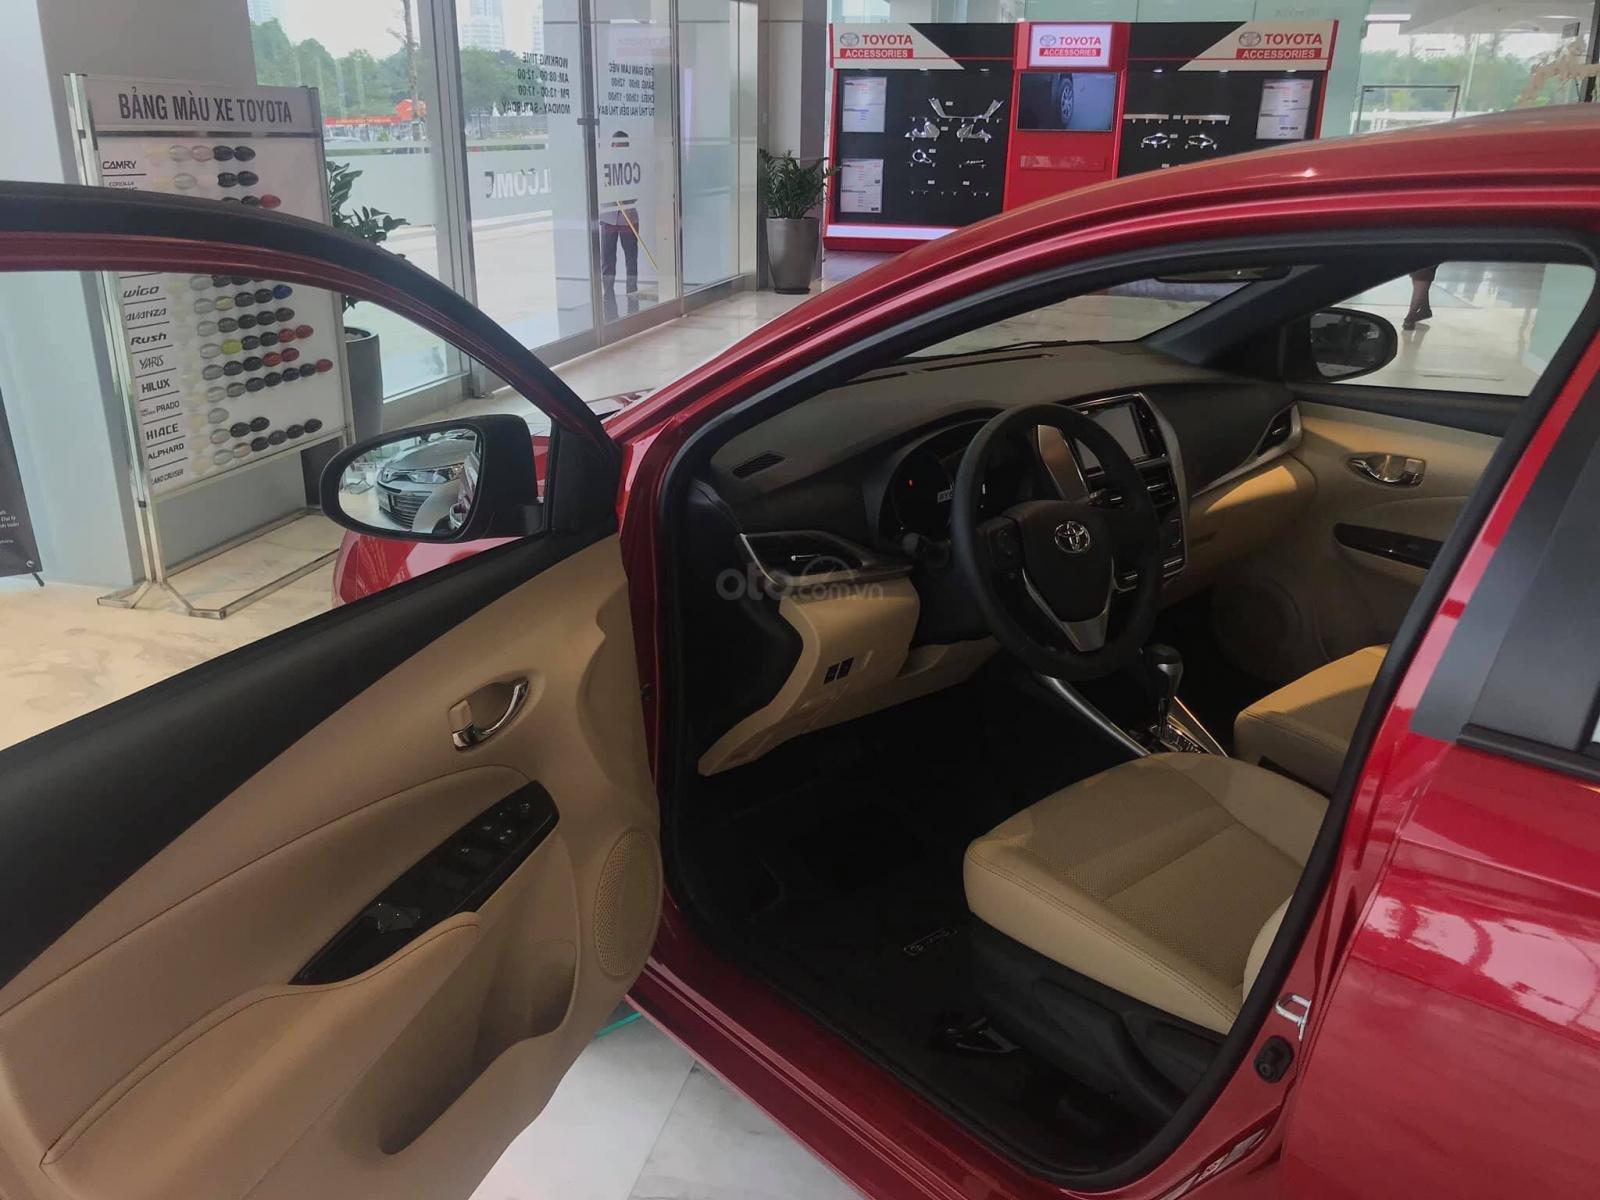 Đại lý Toyota Thái Hòa, bán Toyota Yaris, màu đỏ, nhập khẩu, giá tốt, LH: 0975 882 169-2